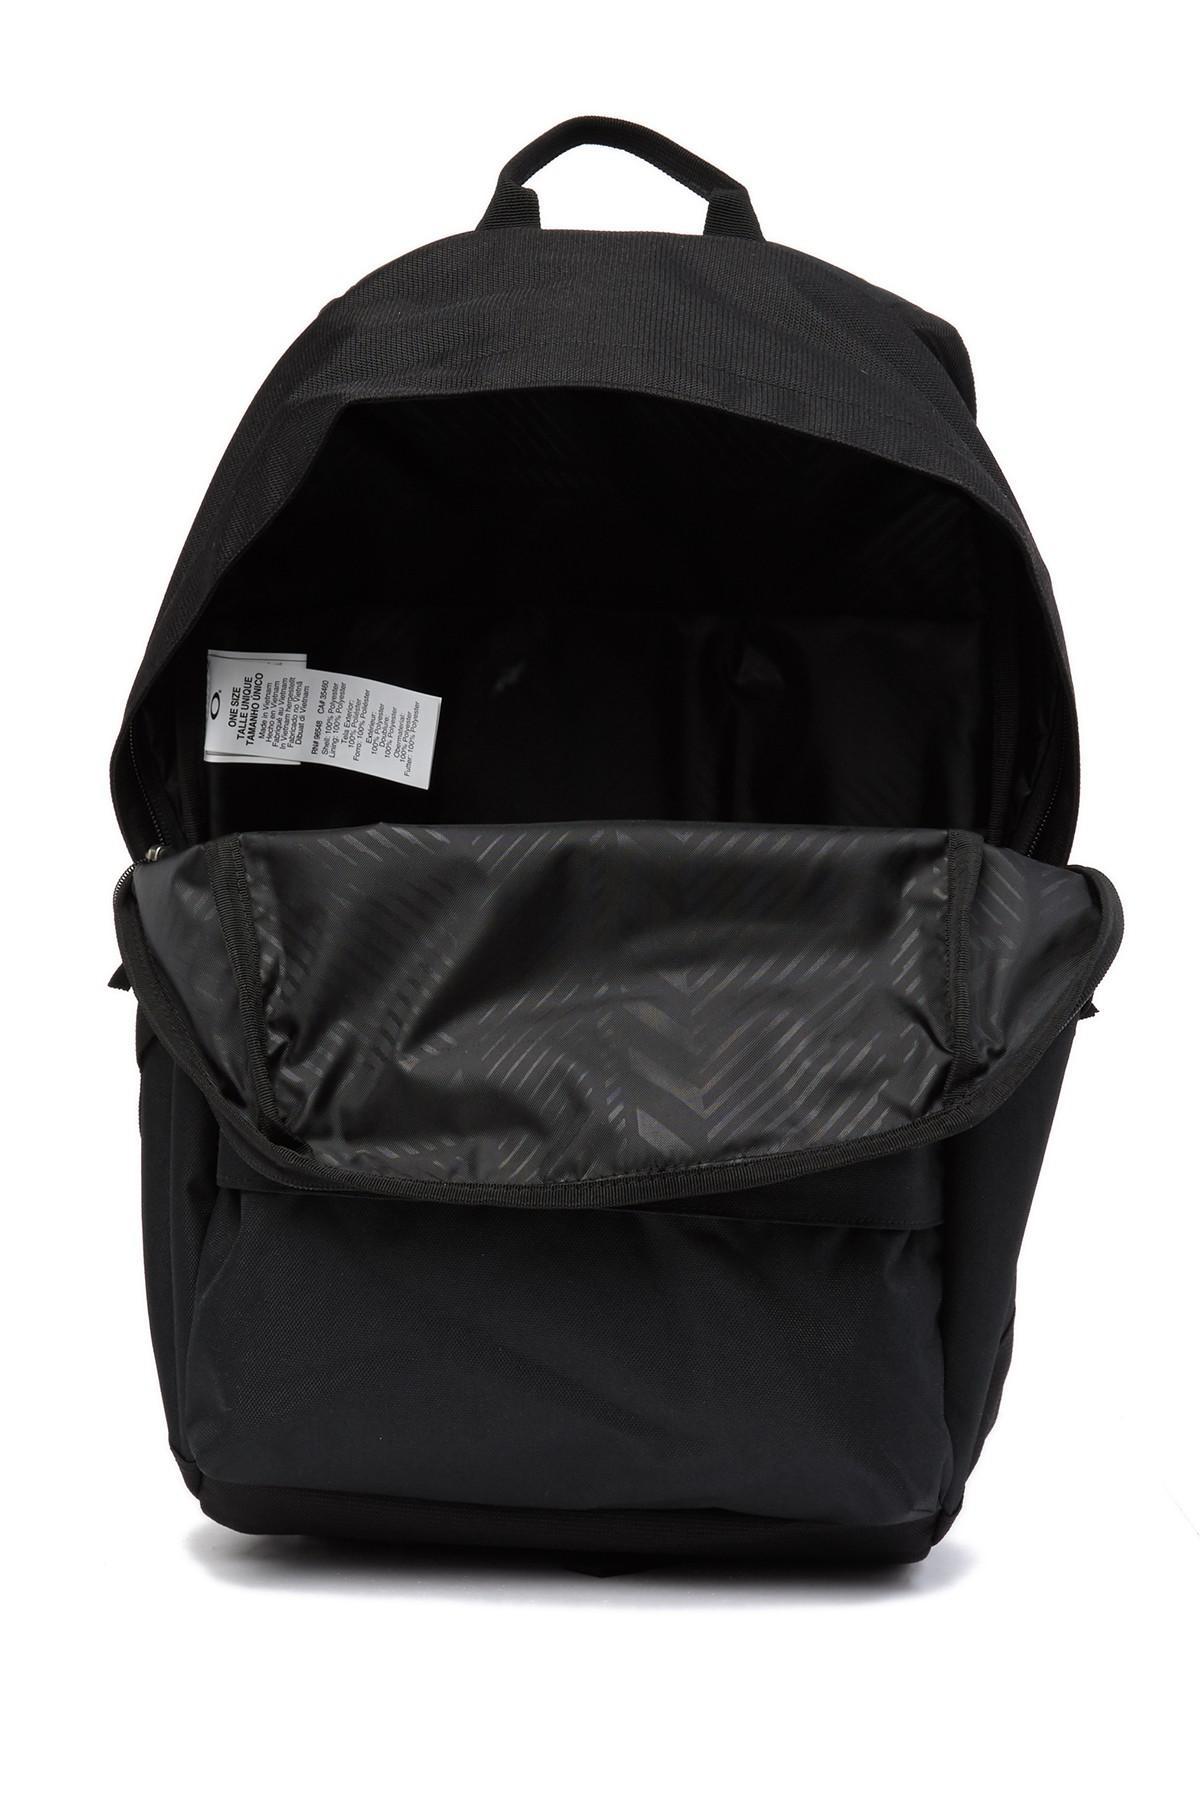 b5bef76d146b0 Lyst - Oakley Holbrook 20l Backpack in Black for Men